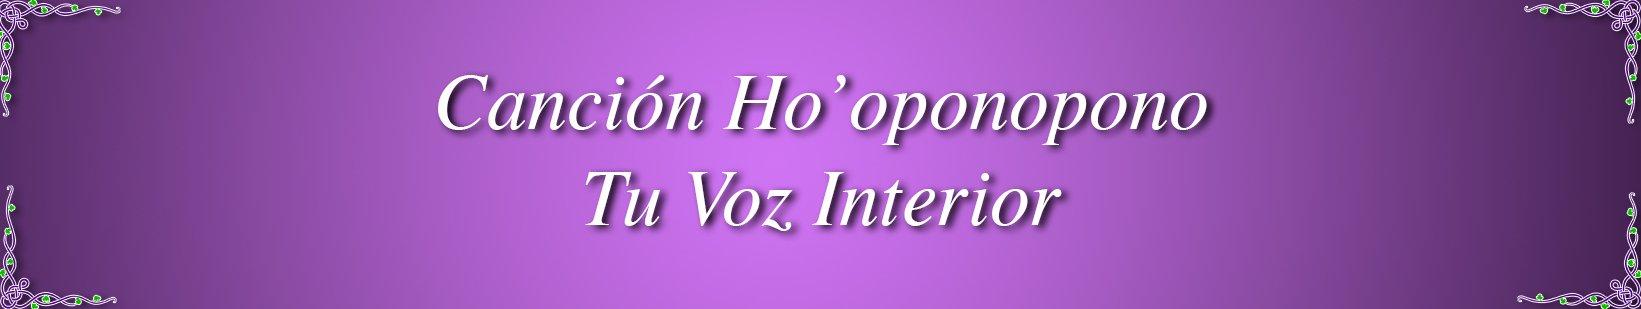 cancion-hooponopono-tu-voz-interior